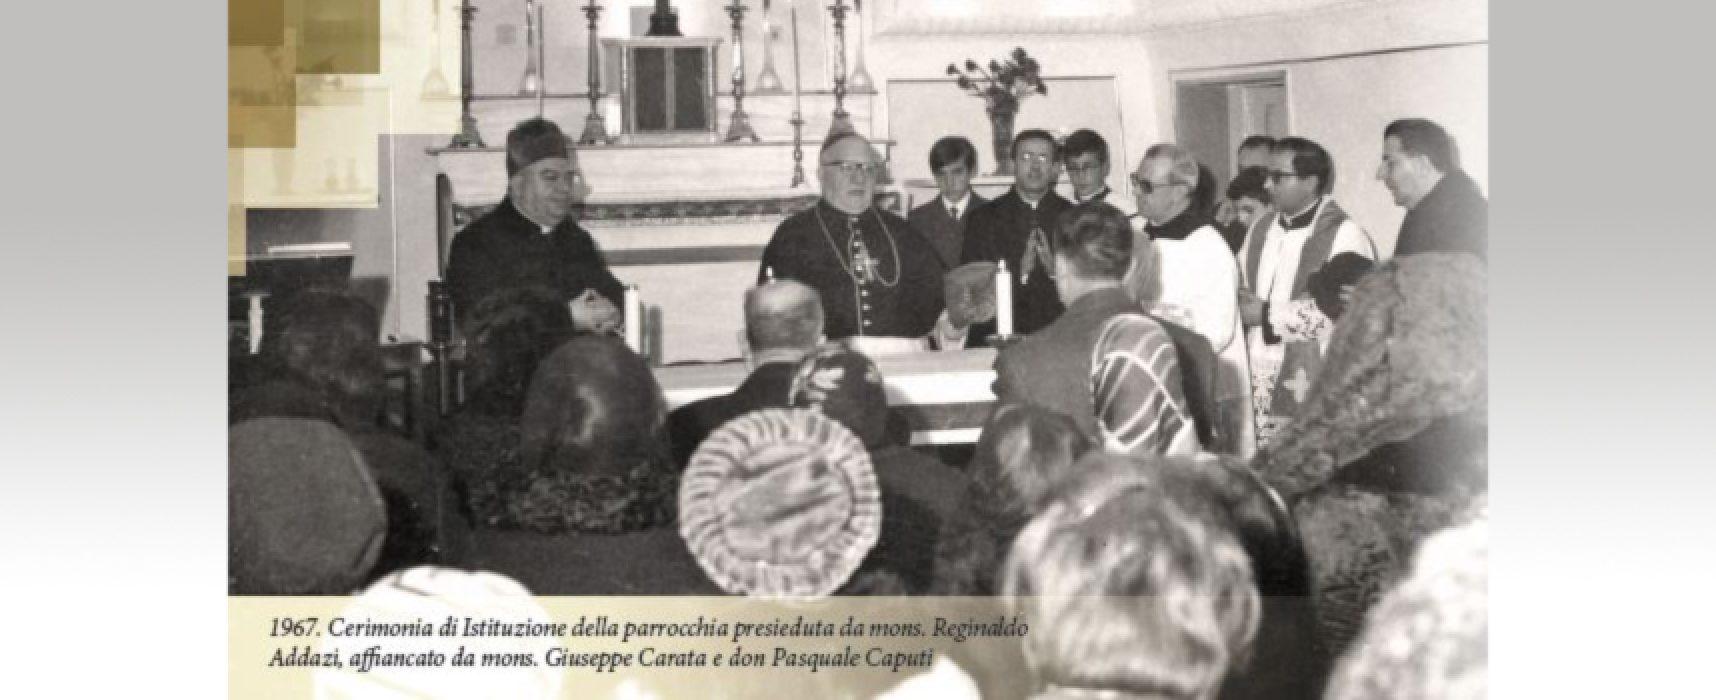 Chiesa San Silvestro: 50esimo anniversario, si apre anno giubilare